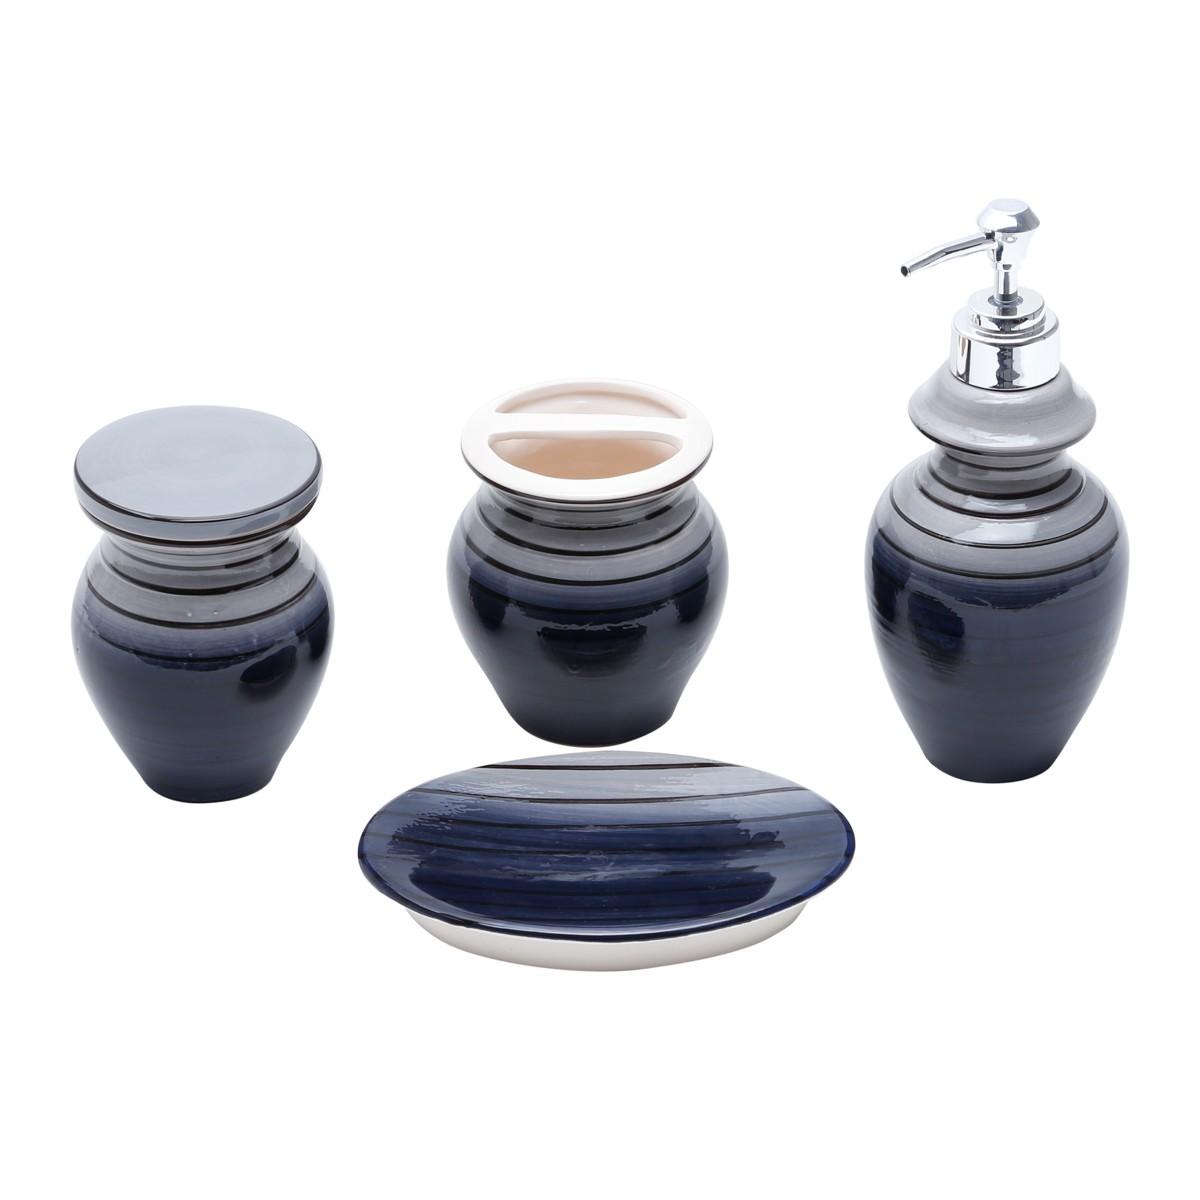 Jogo para Banheiro de Ceramica 4 Pecas Preto 25733 - Rojemac